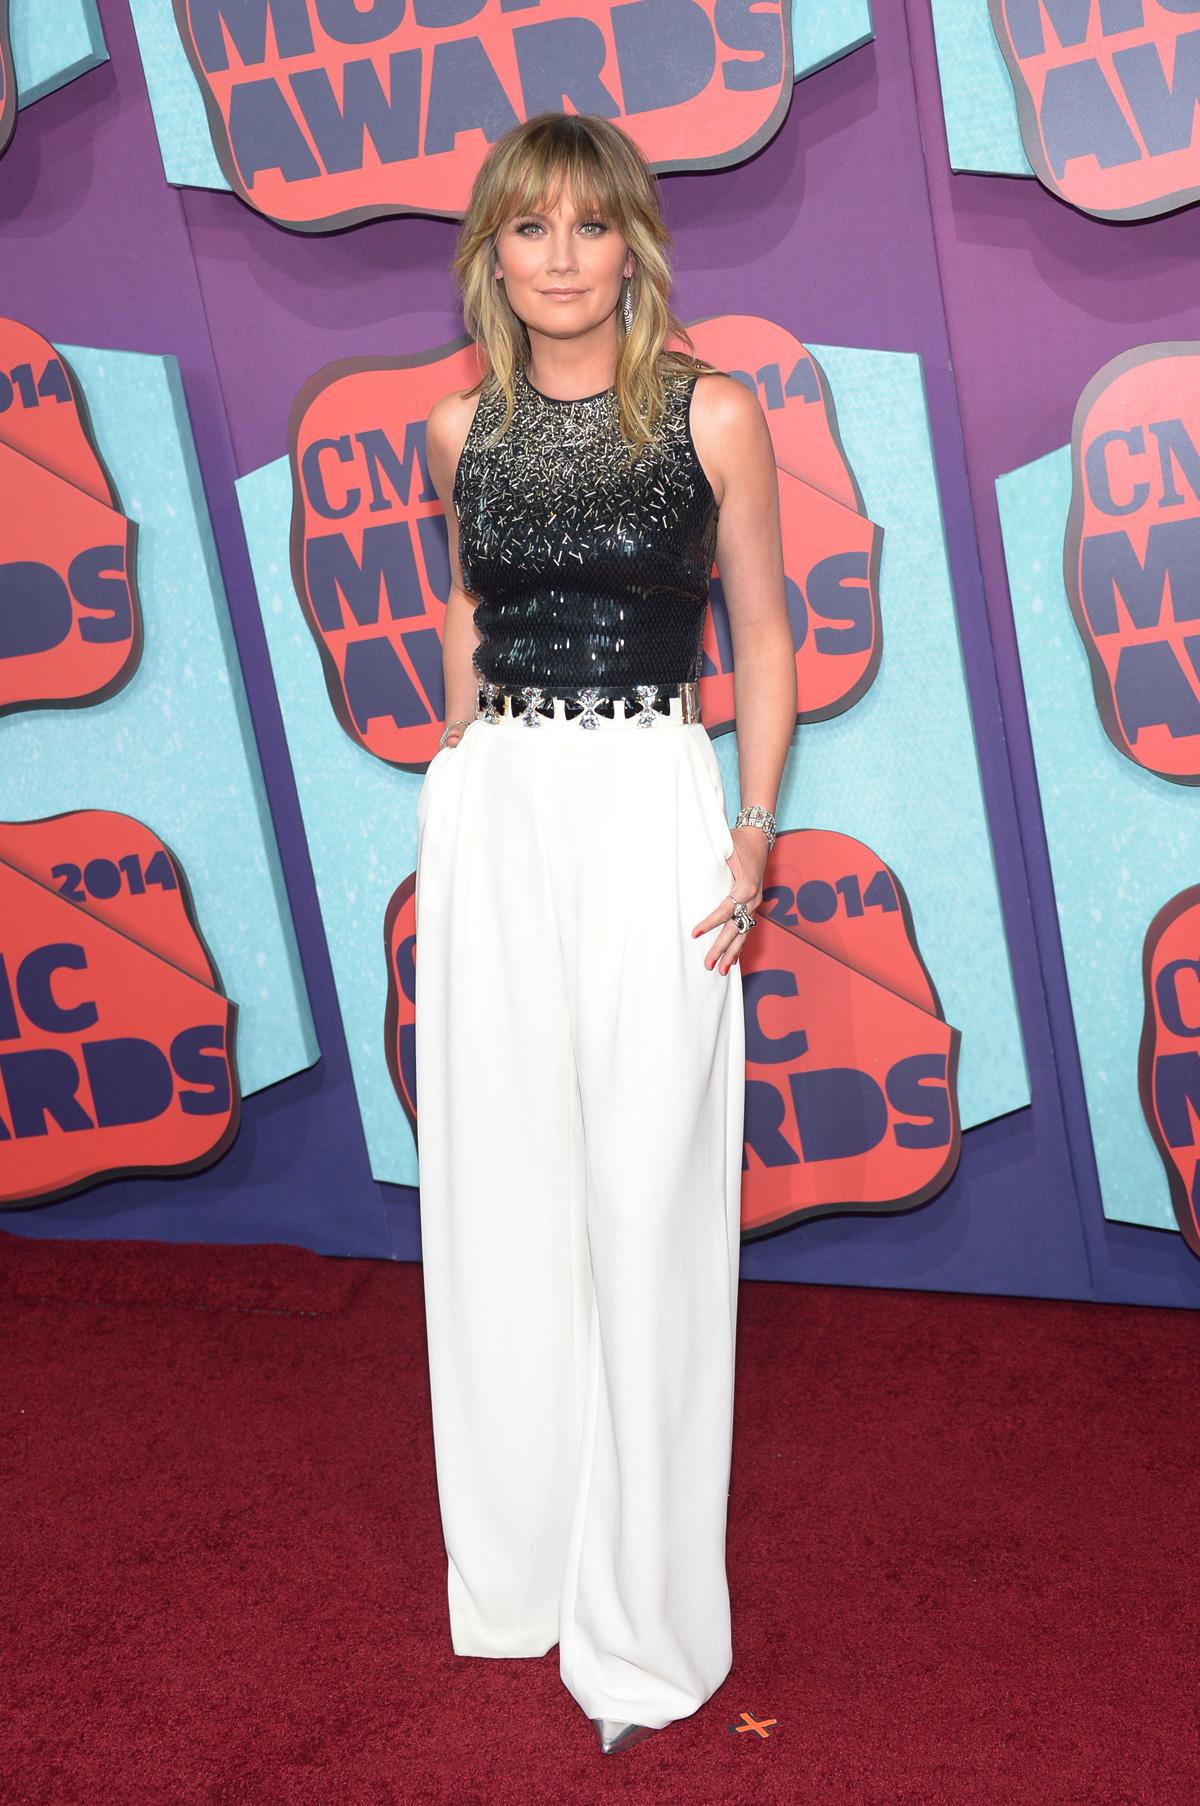 Jennifer Nettlesat the the 2014 CMT Music Awards